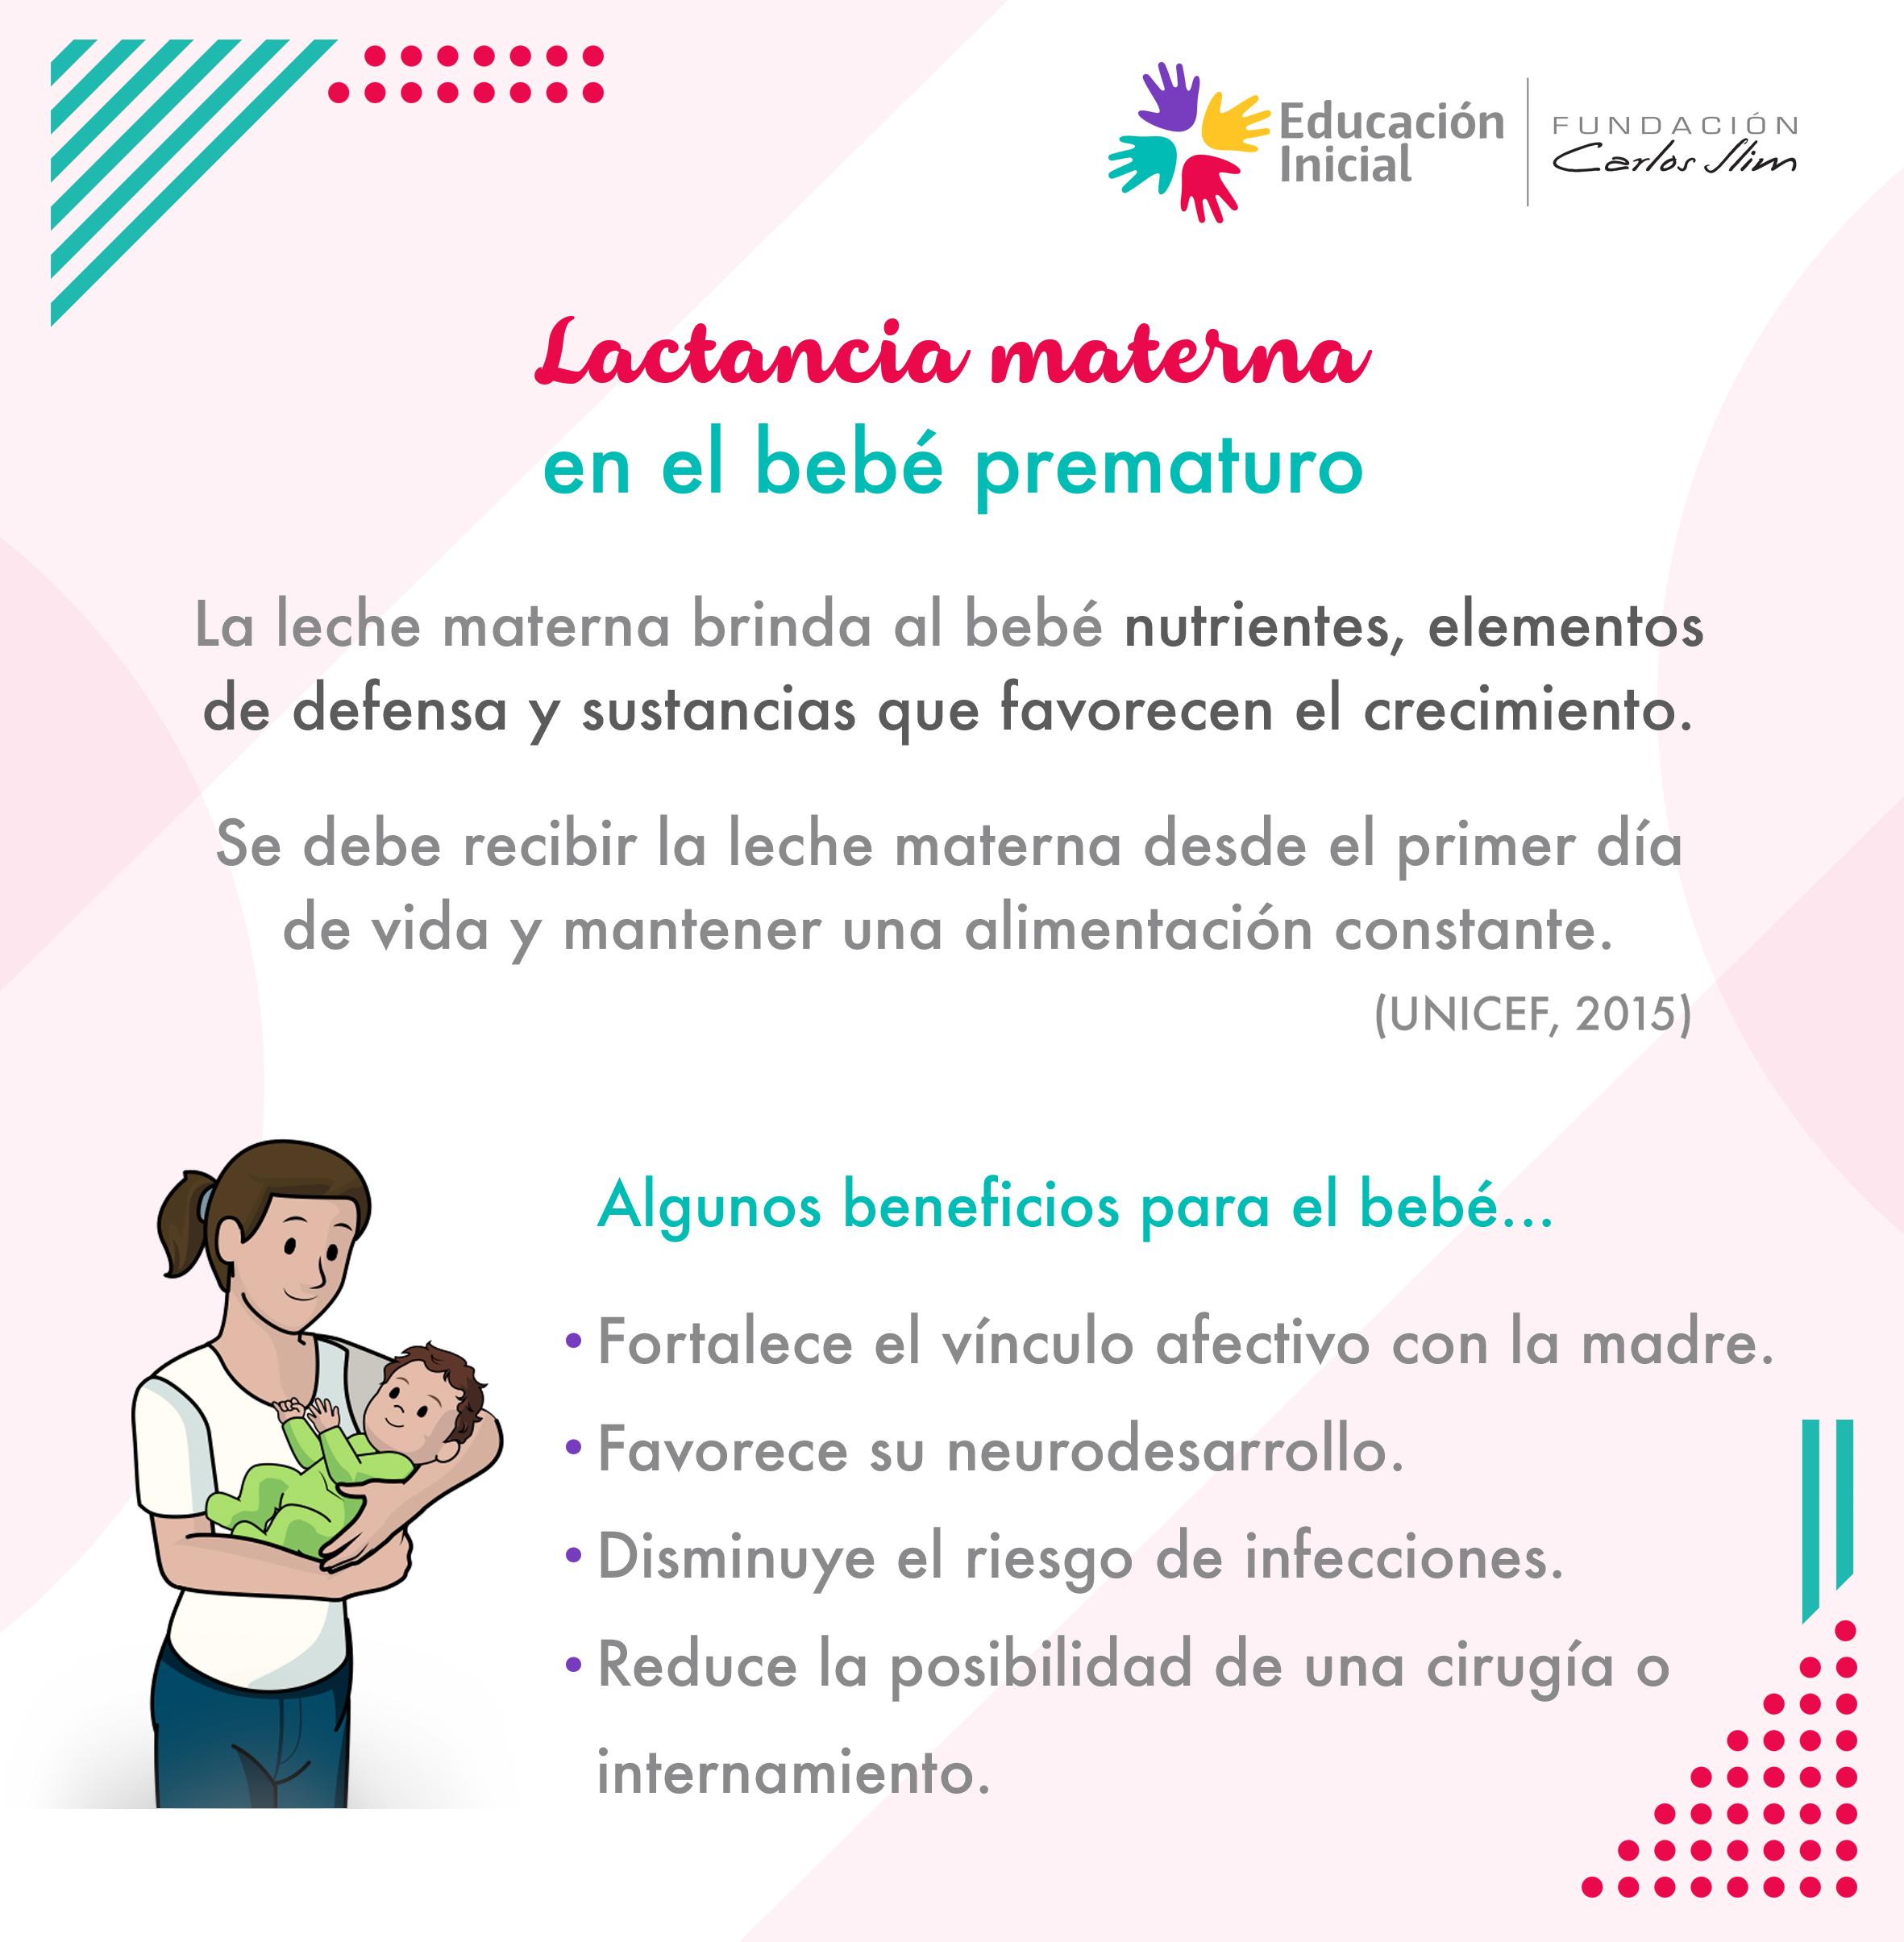 Lactancia materna en el bebé prematuro